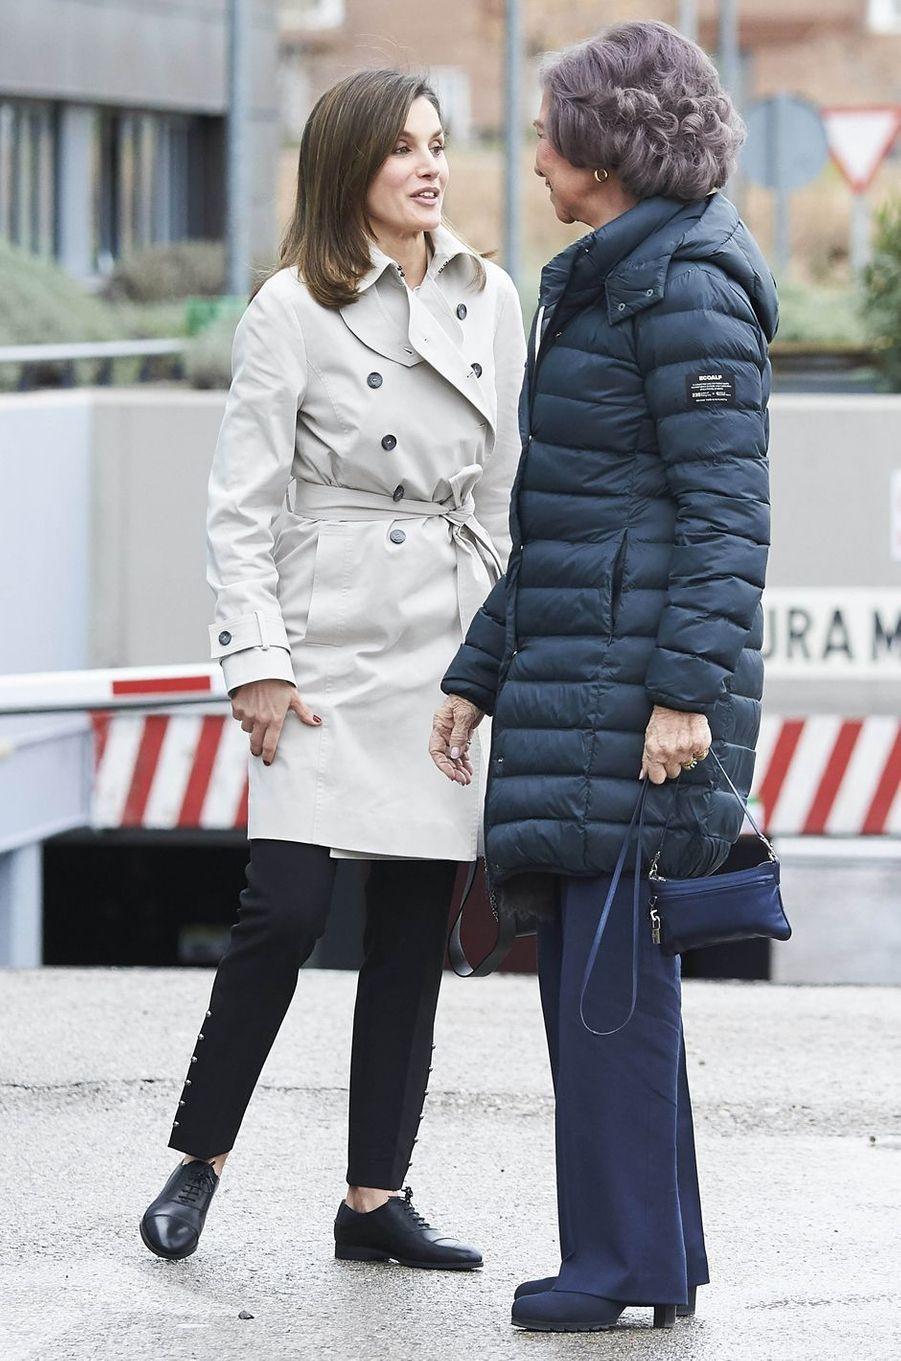 La reine Letizia et l'ex-reine Sofia d'Espagne à Madrid, le 7 avril 2018